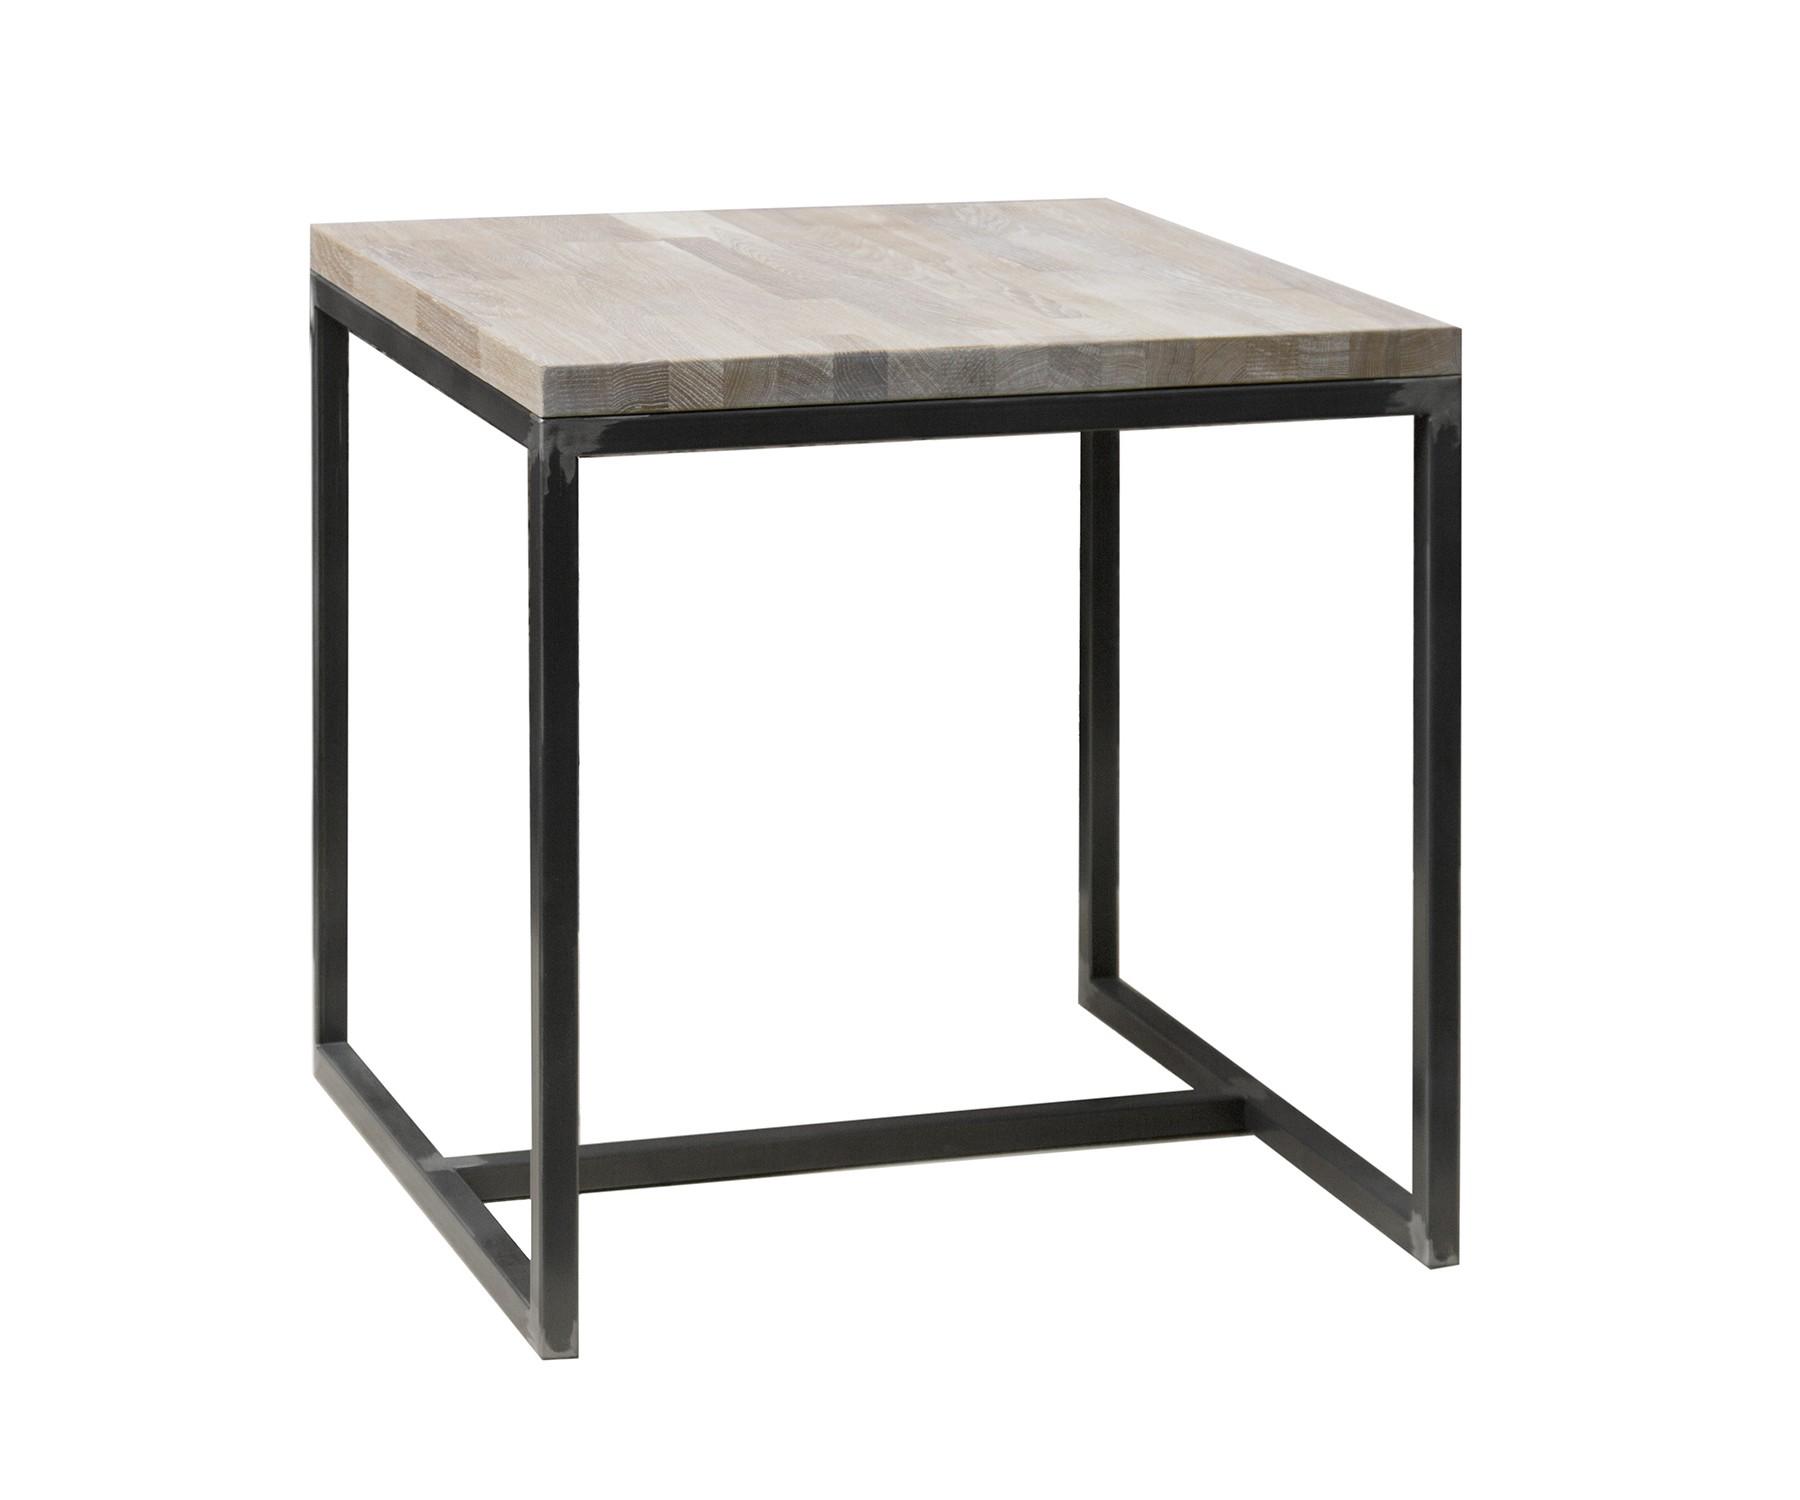 Стол Oak metalframeПриставные столики<br>&amp;lt;div&amp;gt;&amp;lt;span style=&amp;quot;line-height: 1.78571;&amp;quot;&amp;gt;Четкие линии, графичный дизайн и правильные формы соединились в компактный столик в стиле лофт. Внешний вид&amp;amp;nbsp;&amp;lt;/span&amp;gt;&amp;quot;Oak metalframe&amp;quot; образован двумя черными рамами из стали и квадратной пластиной из дерева. Если понадобится, то из журнального столика он легко может перевоплотиться в табурет или заменит прикроватную тумбу.&amp;amp;nbsp;&amp;lt;/div&amp;gt;&amp;lt;div&amp;gt;&amp;lt;span style=&amp;quot;line-height: 1.78571;&amp;quot;&amp;gt;&amp;lt;br&amp;gt;&amp;lt;/span&amp;gt;&amp;lt;/div&amp;gt;&amp;lt;div&amp;gt;&amp;lt;span style=&amp;quot;line-height: 1.78571; font-size: 14px;&amp;quot;&amp;gt;&amp;lt;div&amp;gt;Материал: дубовый мебельный щит, стальная труба 30х30 мм.&amp;lt;/div&amp;gt;&amp;lt;div&amp;gt;Особенности: на основание крепится мебельный войлок.&amp;lt;/div&amp;gt;&amp;lt;/span&amp;gt;&amp;lt;/div&amp;gt;&amp;lt;div&amp;gt;&amp;lt;span style=&amp;quot;font-size: 14px;&amp;quot;&amp;gt;Возможно изготовление в других размерах и цветах. Подробности уточняйте у менеджеров.&amp;lt;/span&amp;gt;&amp;lt;br&amp;gt;&amp;lt;/div&amp;gt;<br><br>Material: Дуб<br>Ширина см: 60<br>Высота см: 75<br>Глубина см: 60